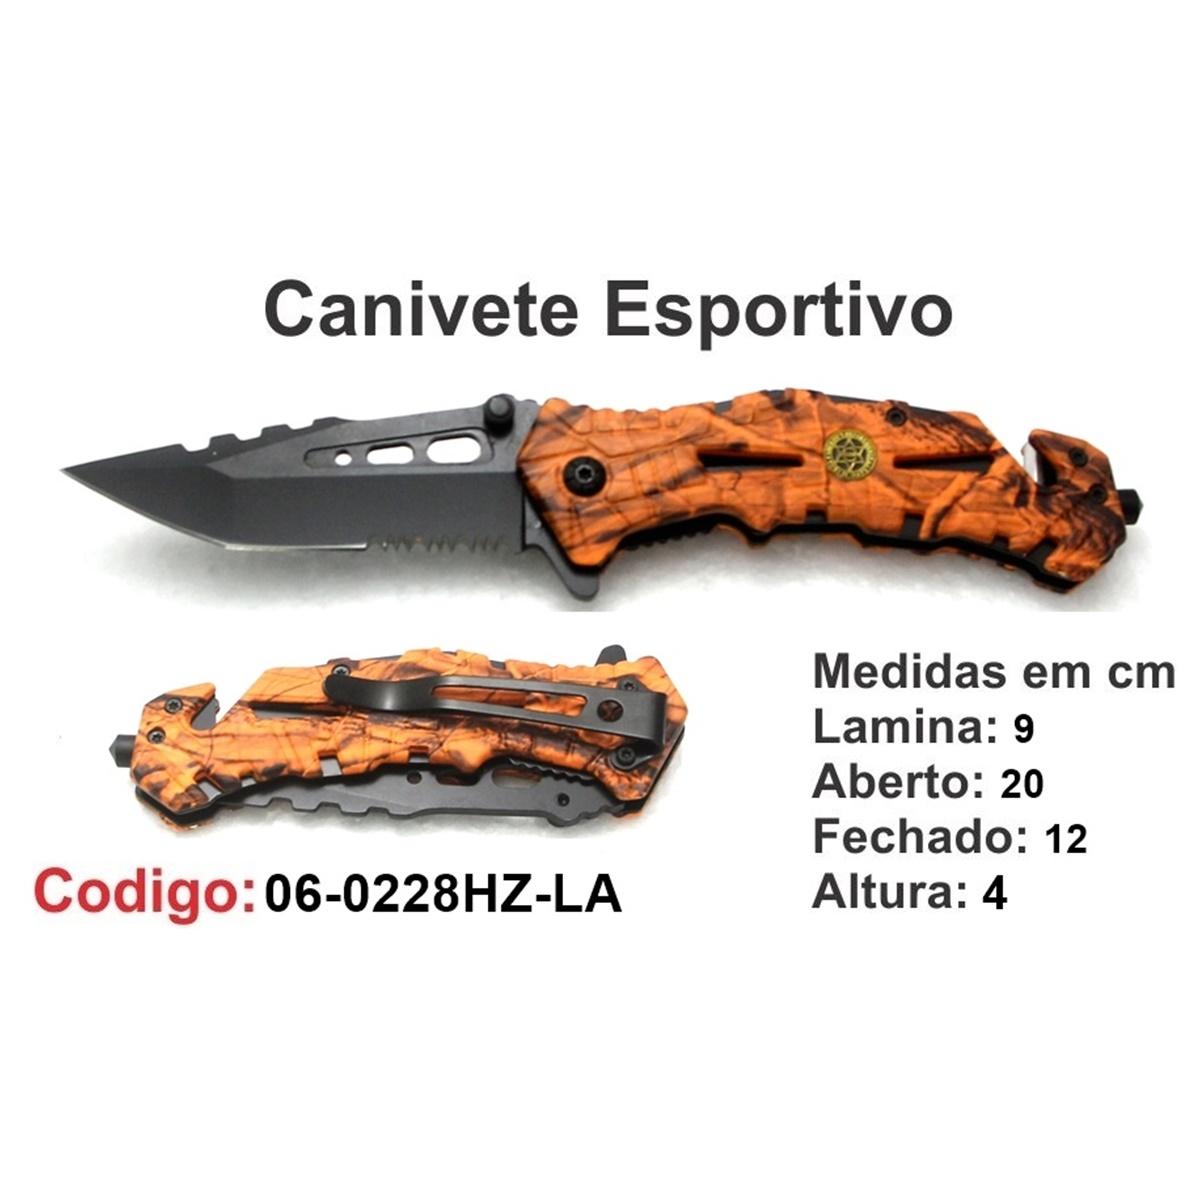 Canivete Esportivo Caça Pesca Etc. 06-0228HZ-LR